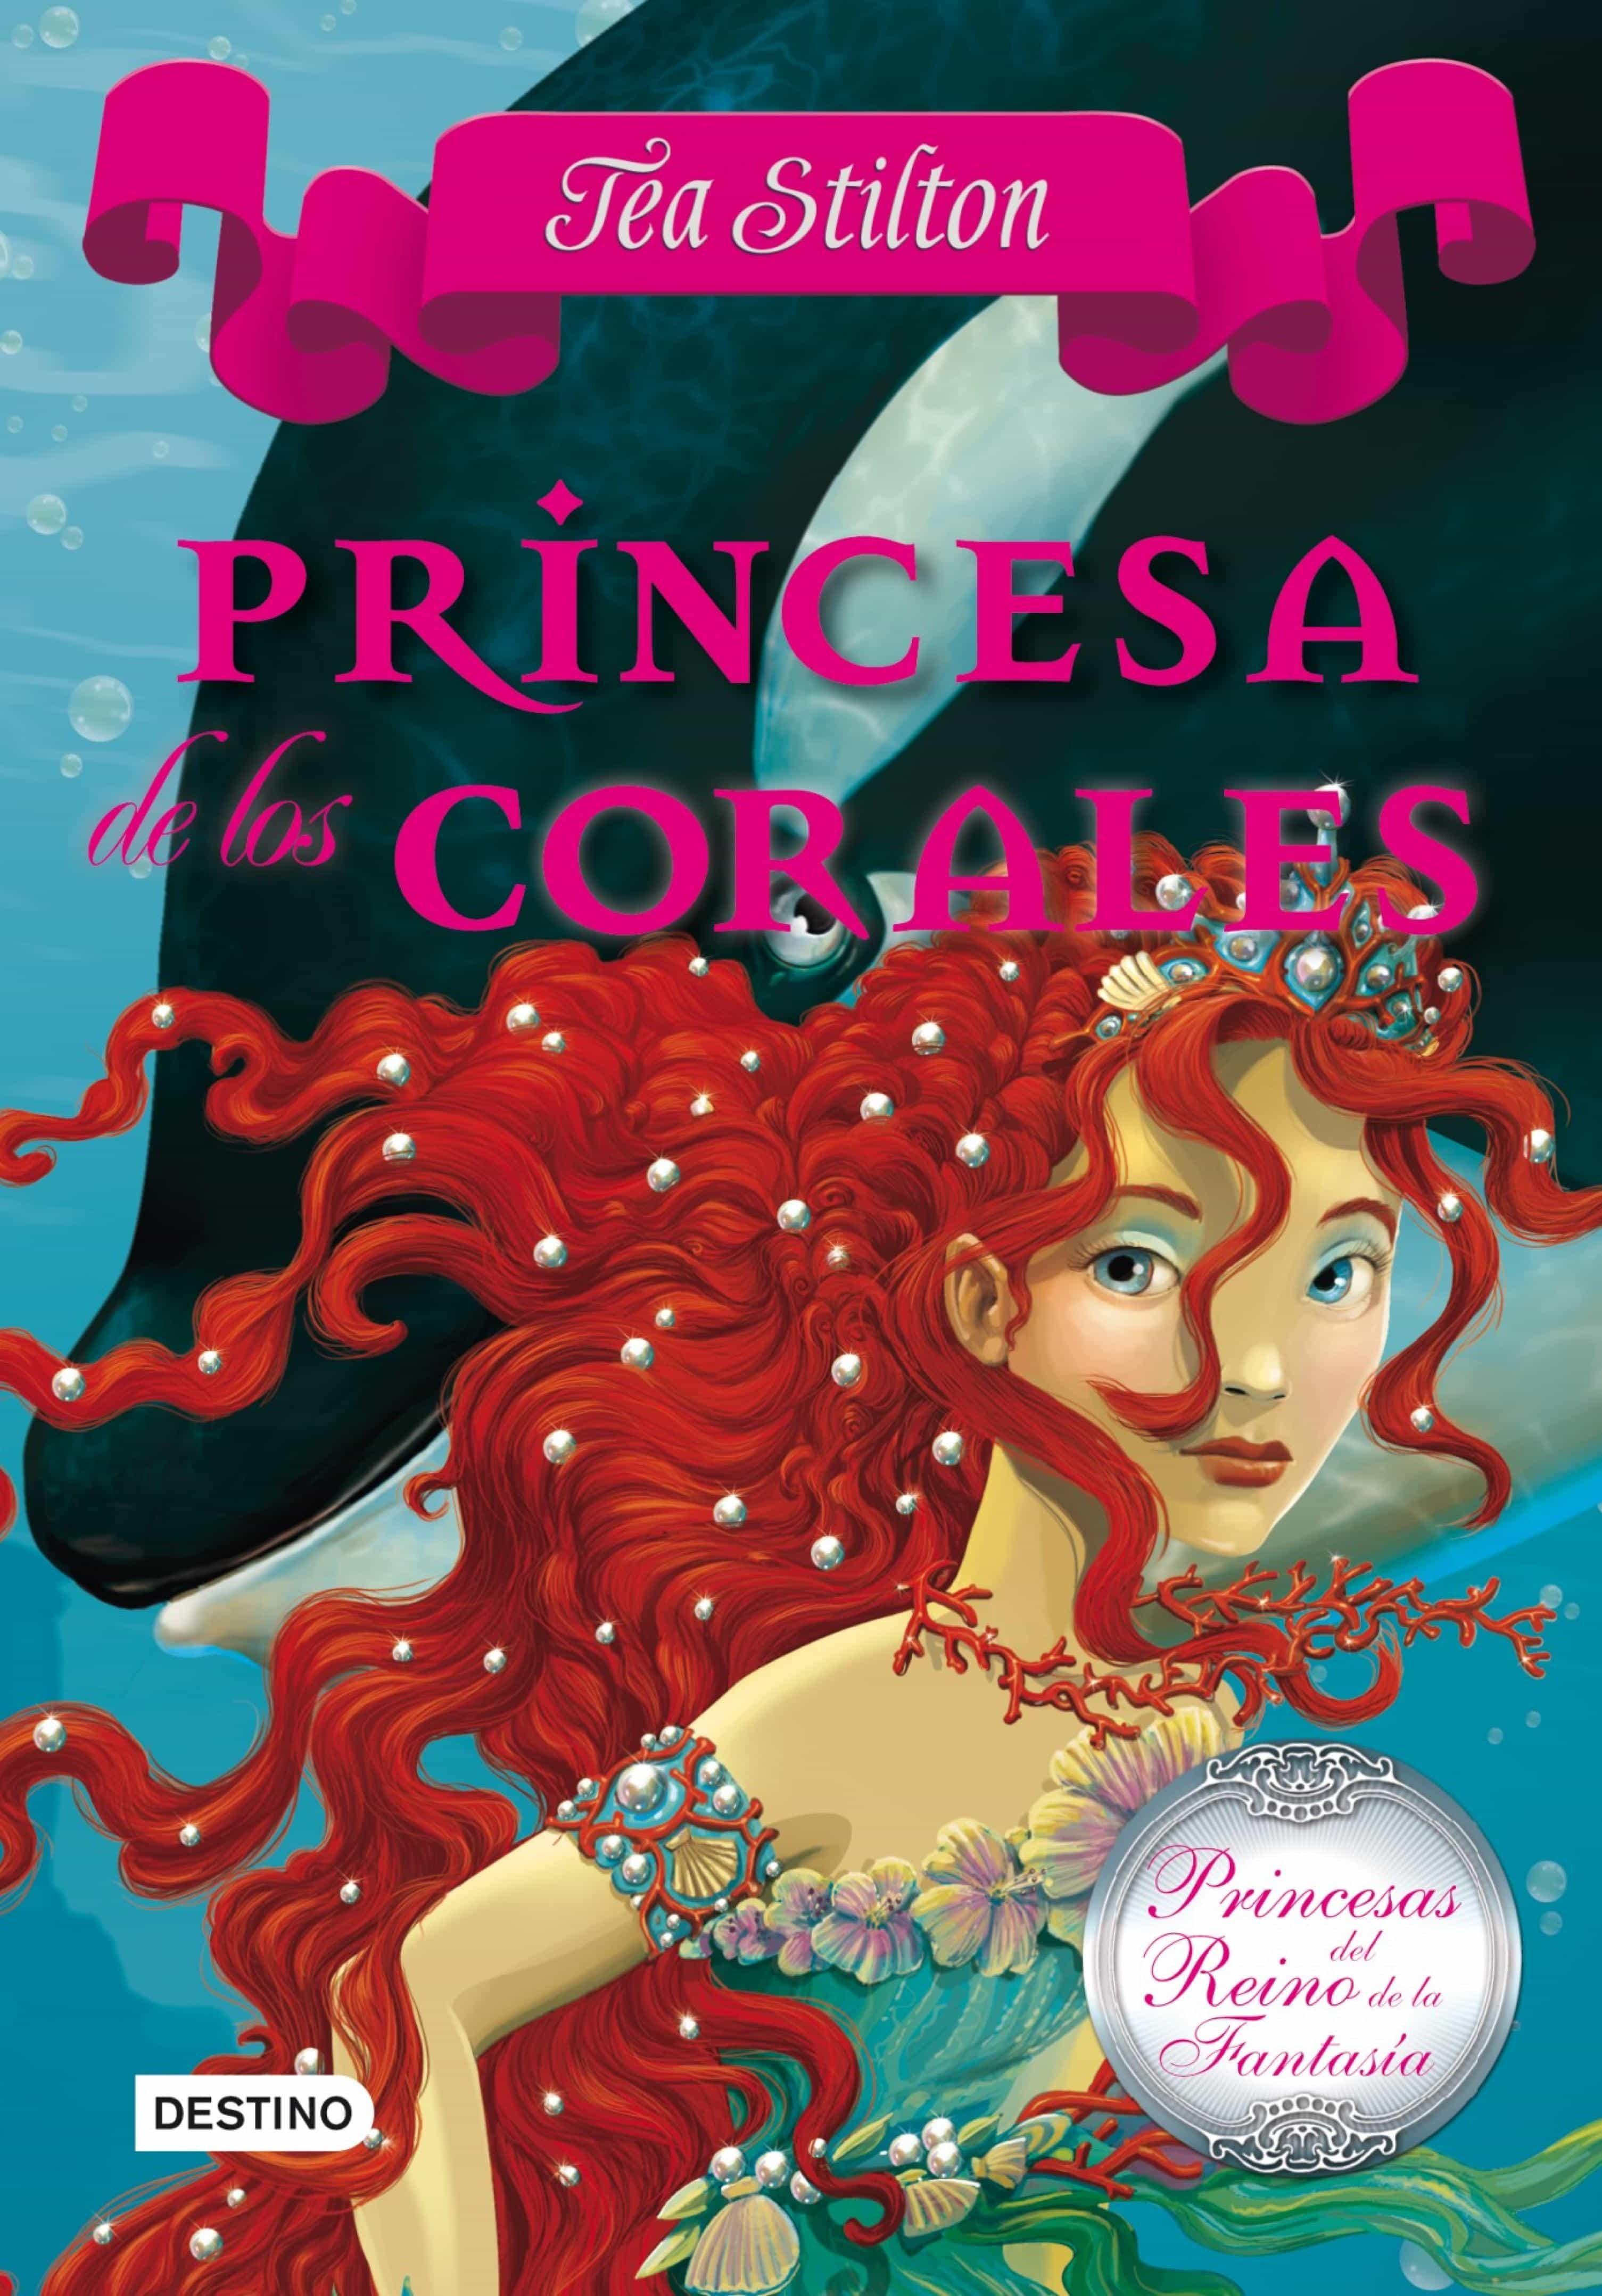 Resultado de imagen de princesa de los corales tea stilton